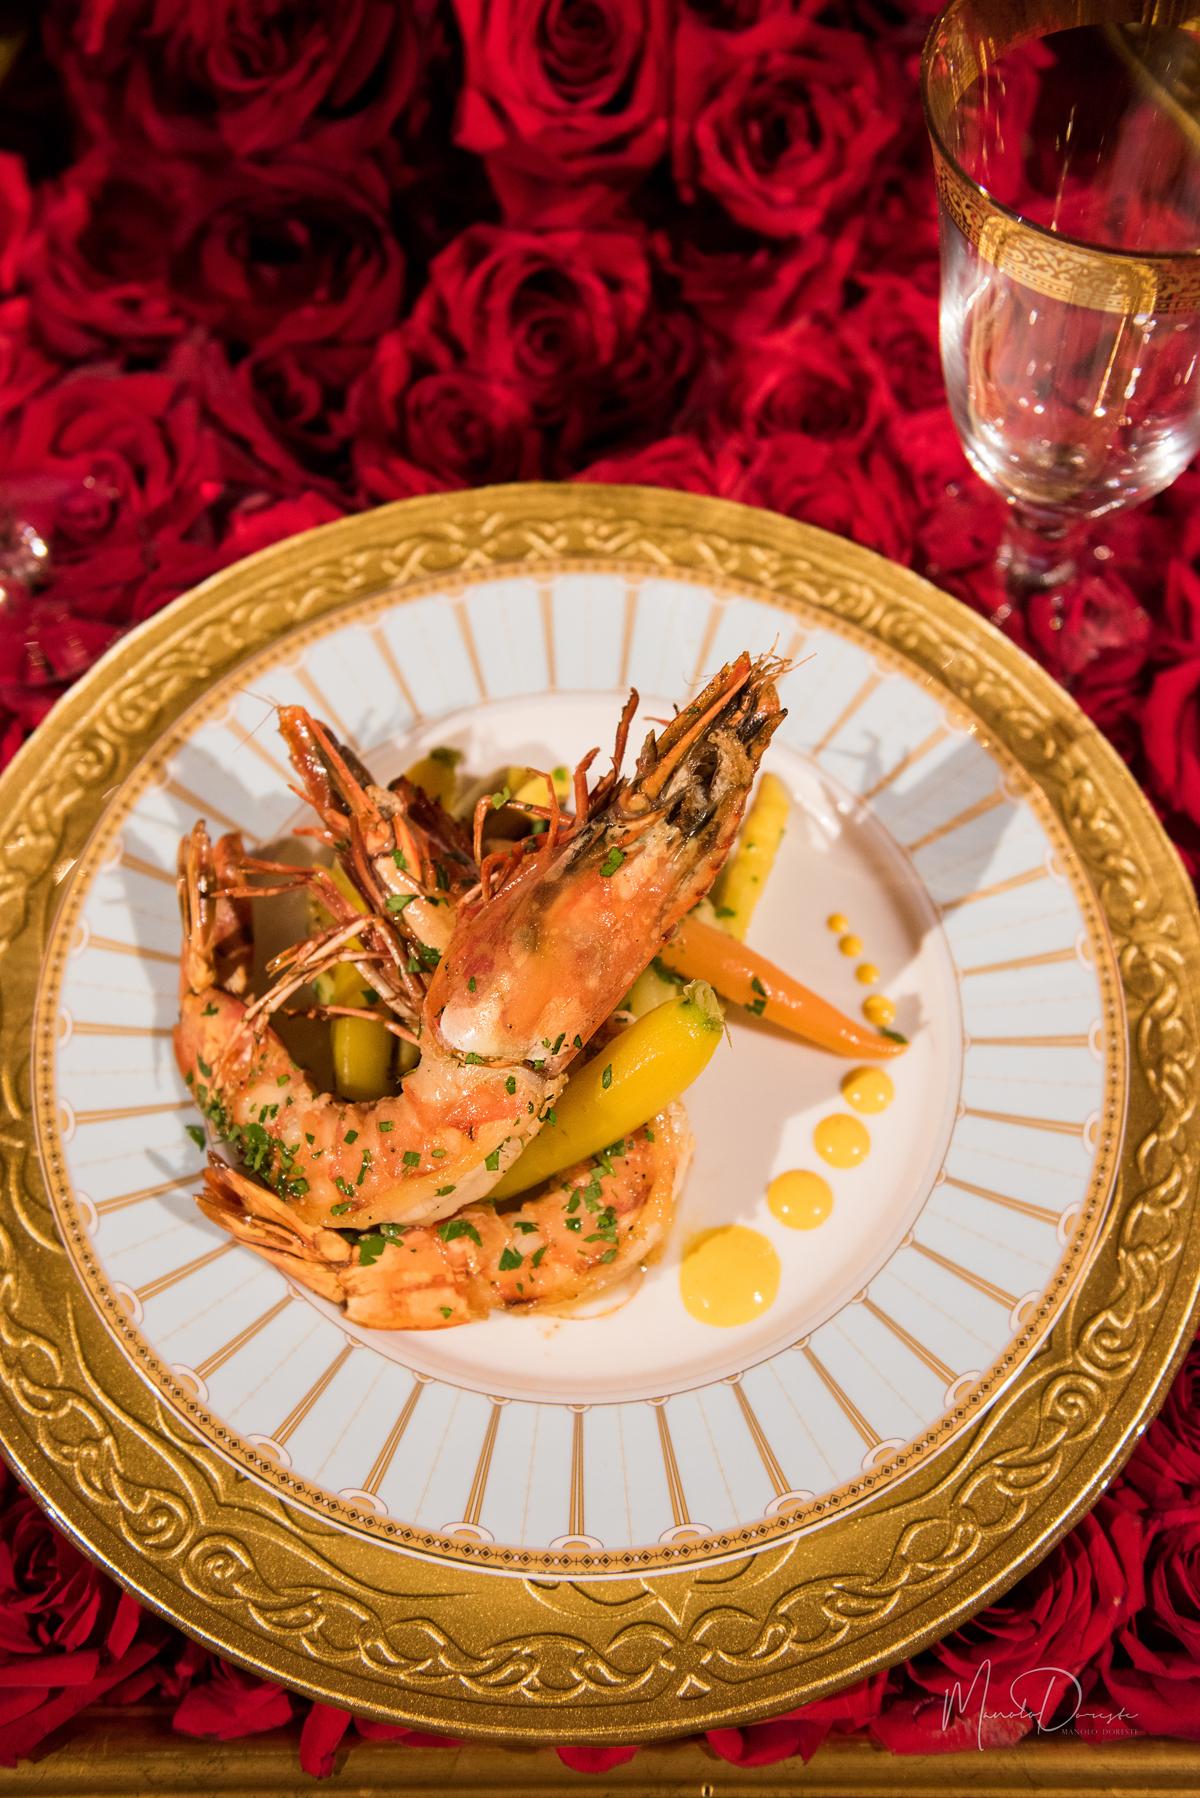 versace-mansion-wedding-manolo-doreste-27.jpg